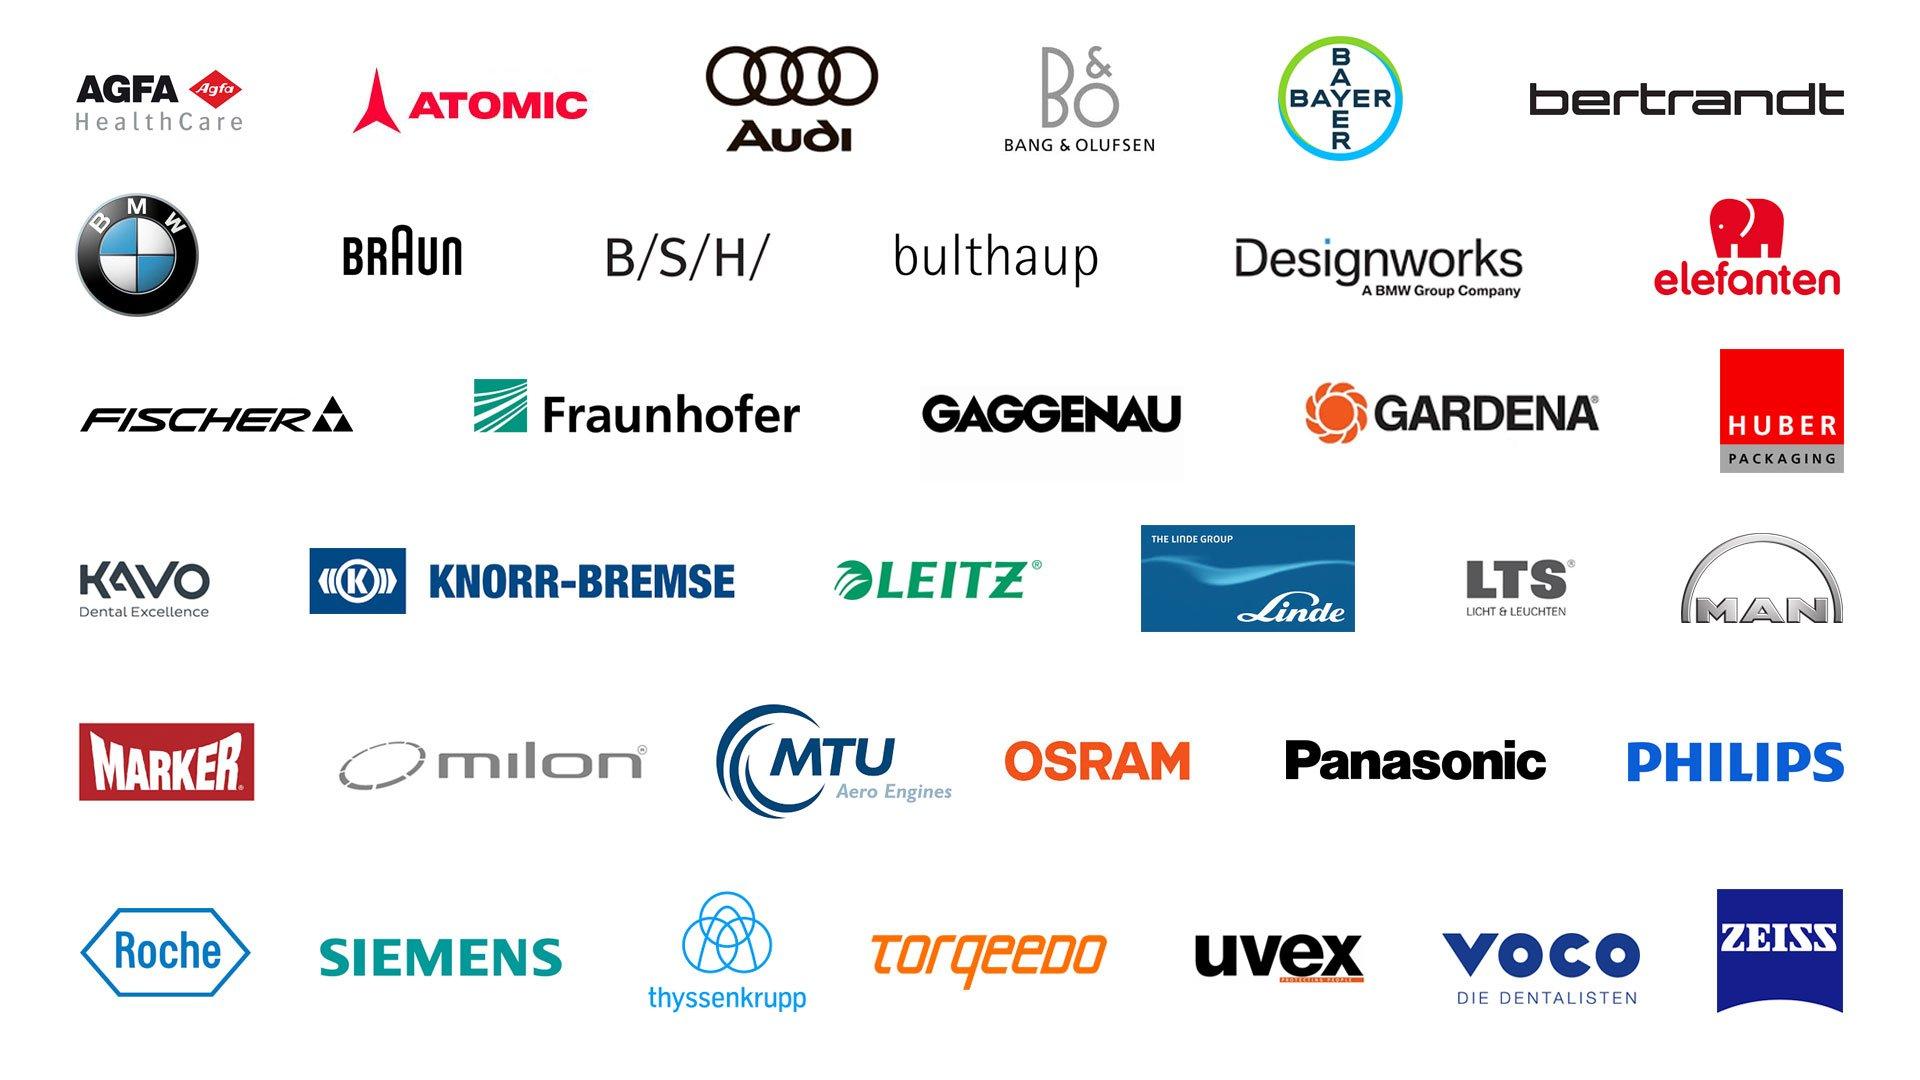 schlagheck-design-referenz-kunden